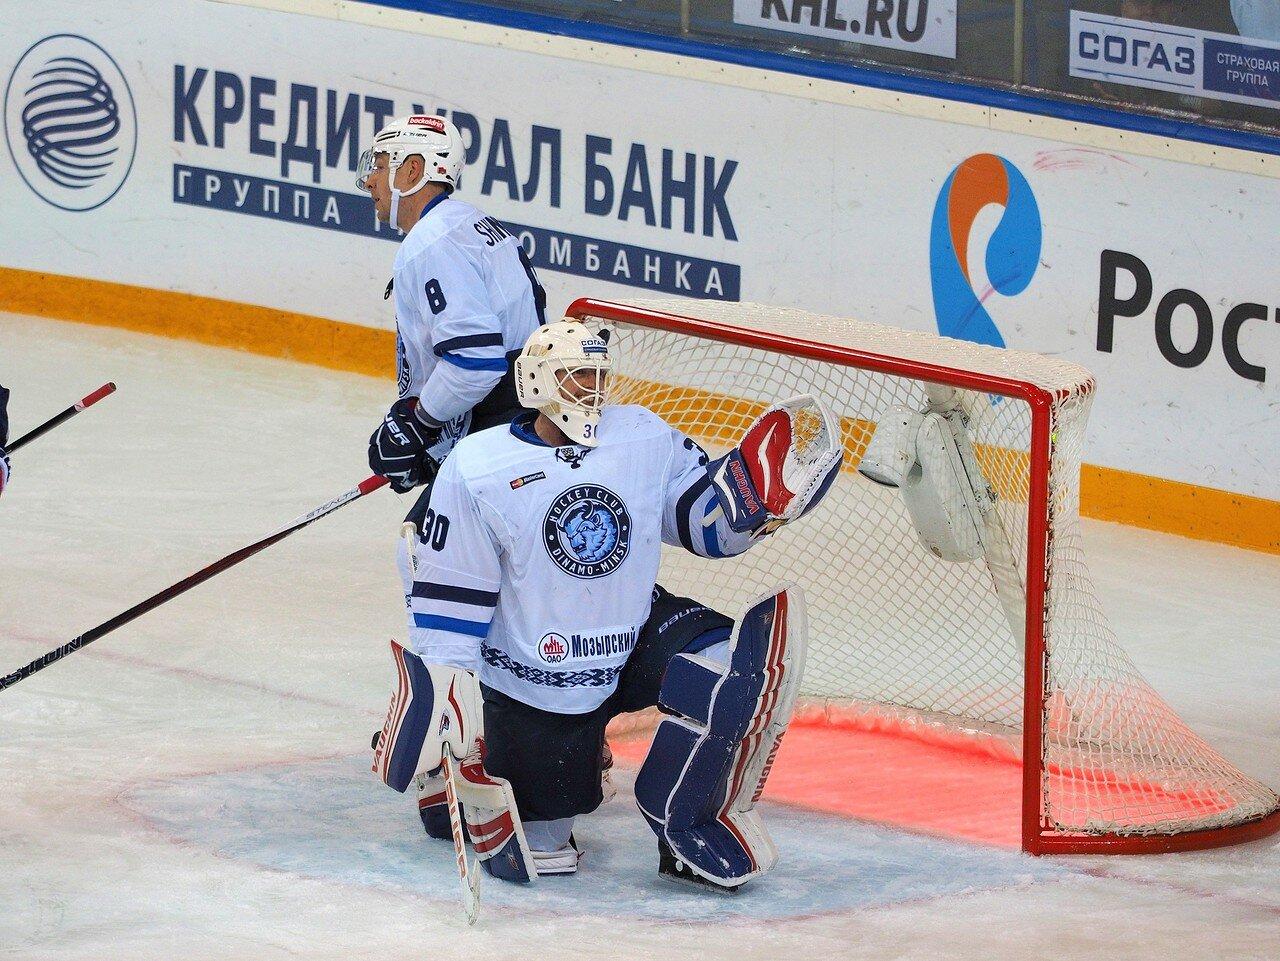 50Металлург - Динамо Минск 13.09.2016